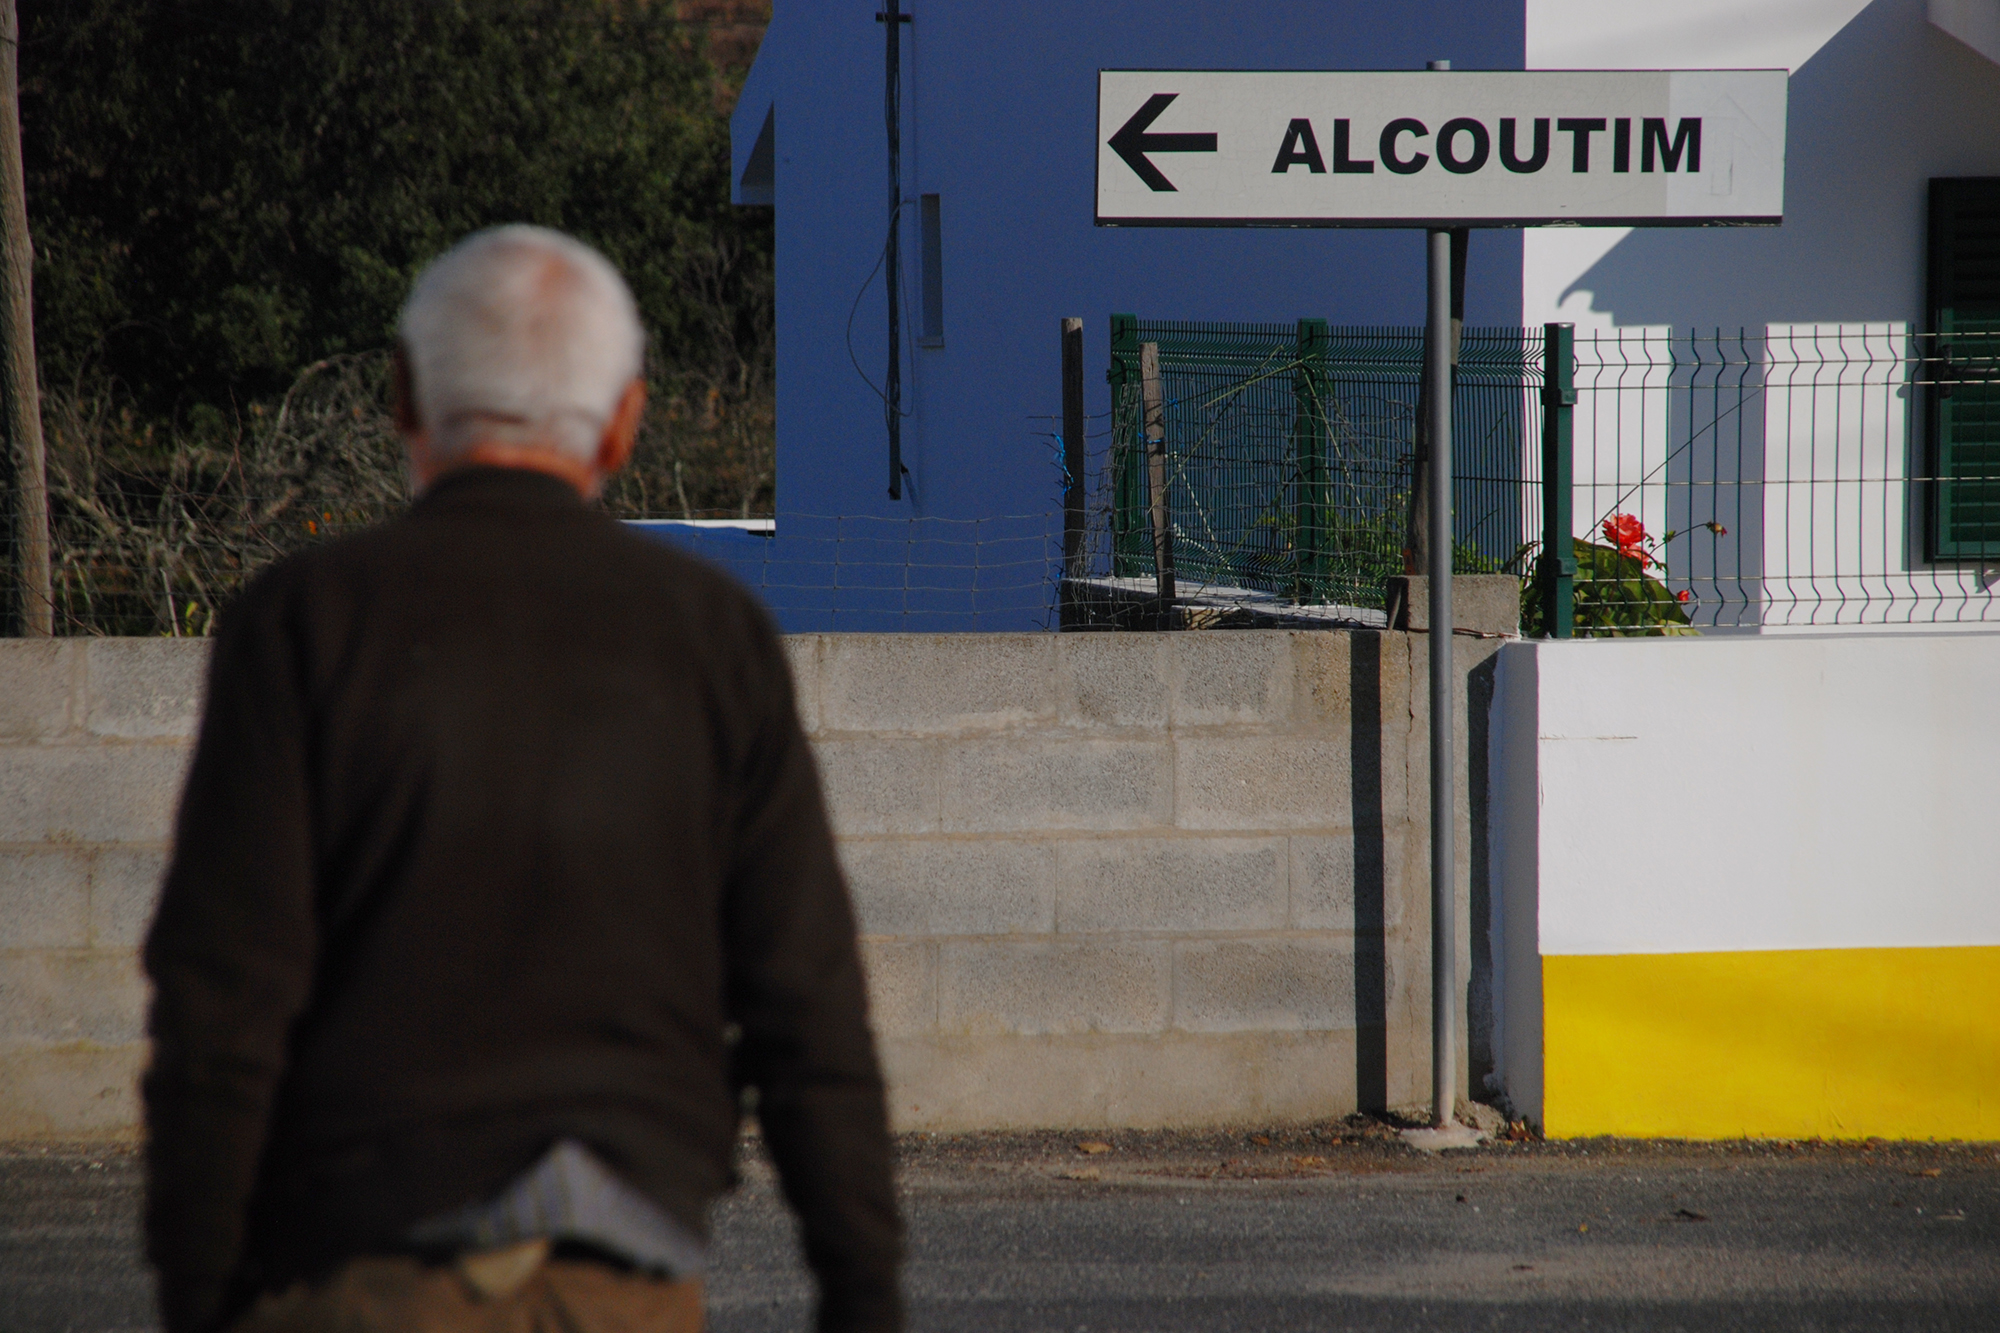 Segundo os Censos de 2011, o concelho de Alcoutim tem cerca de 2900 habitantes.